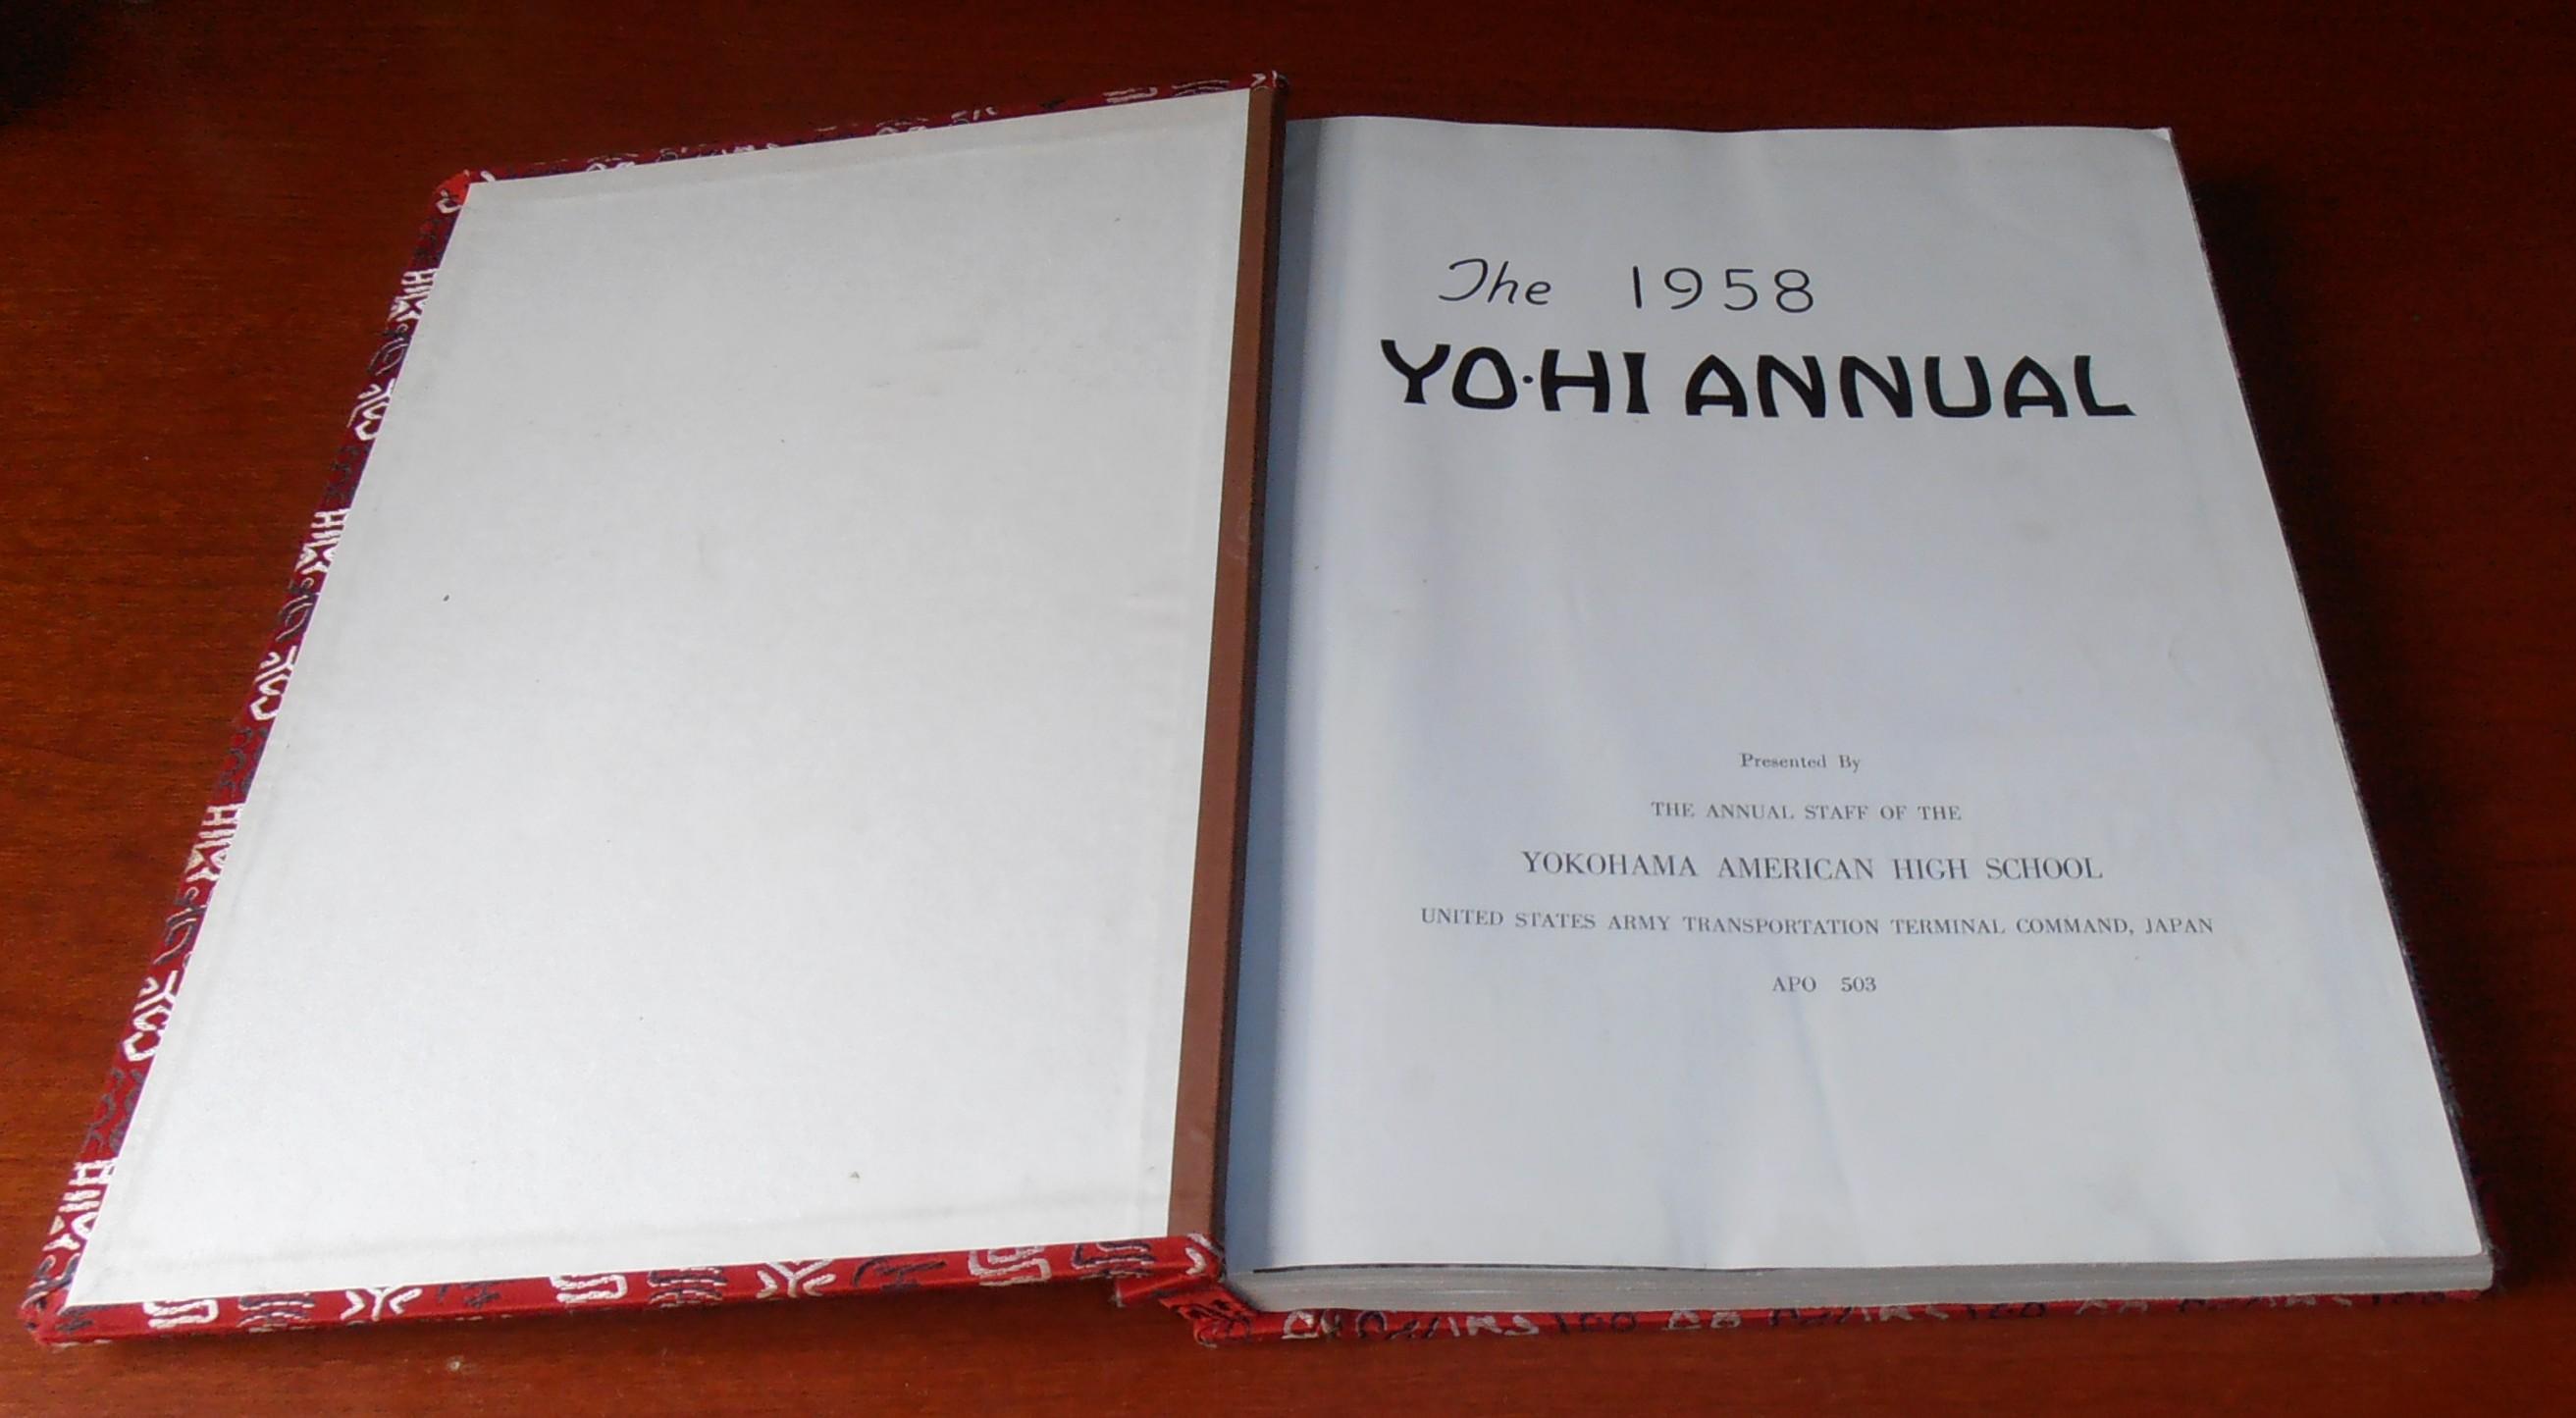 8c6fb8f9ea Yo-Hi 1958 Annual